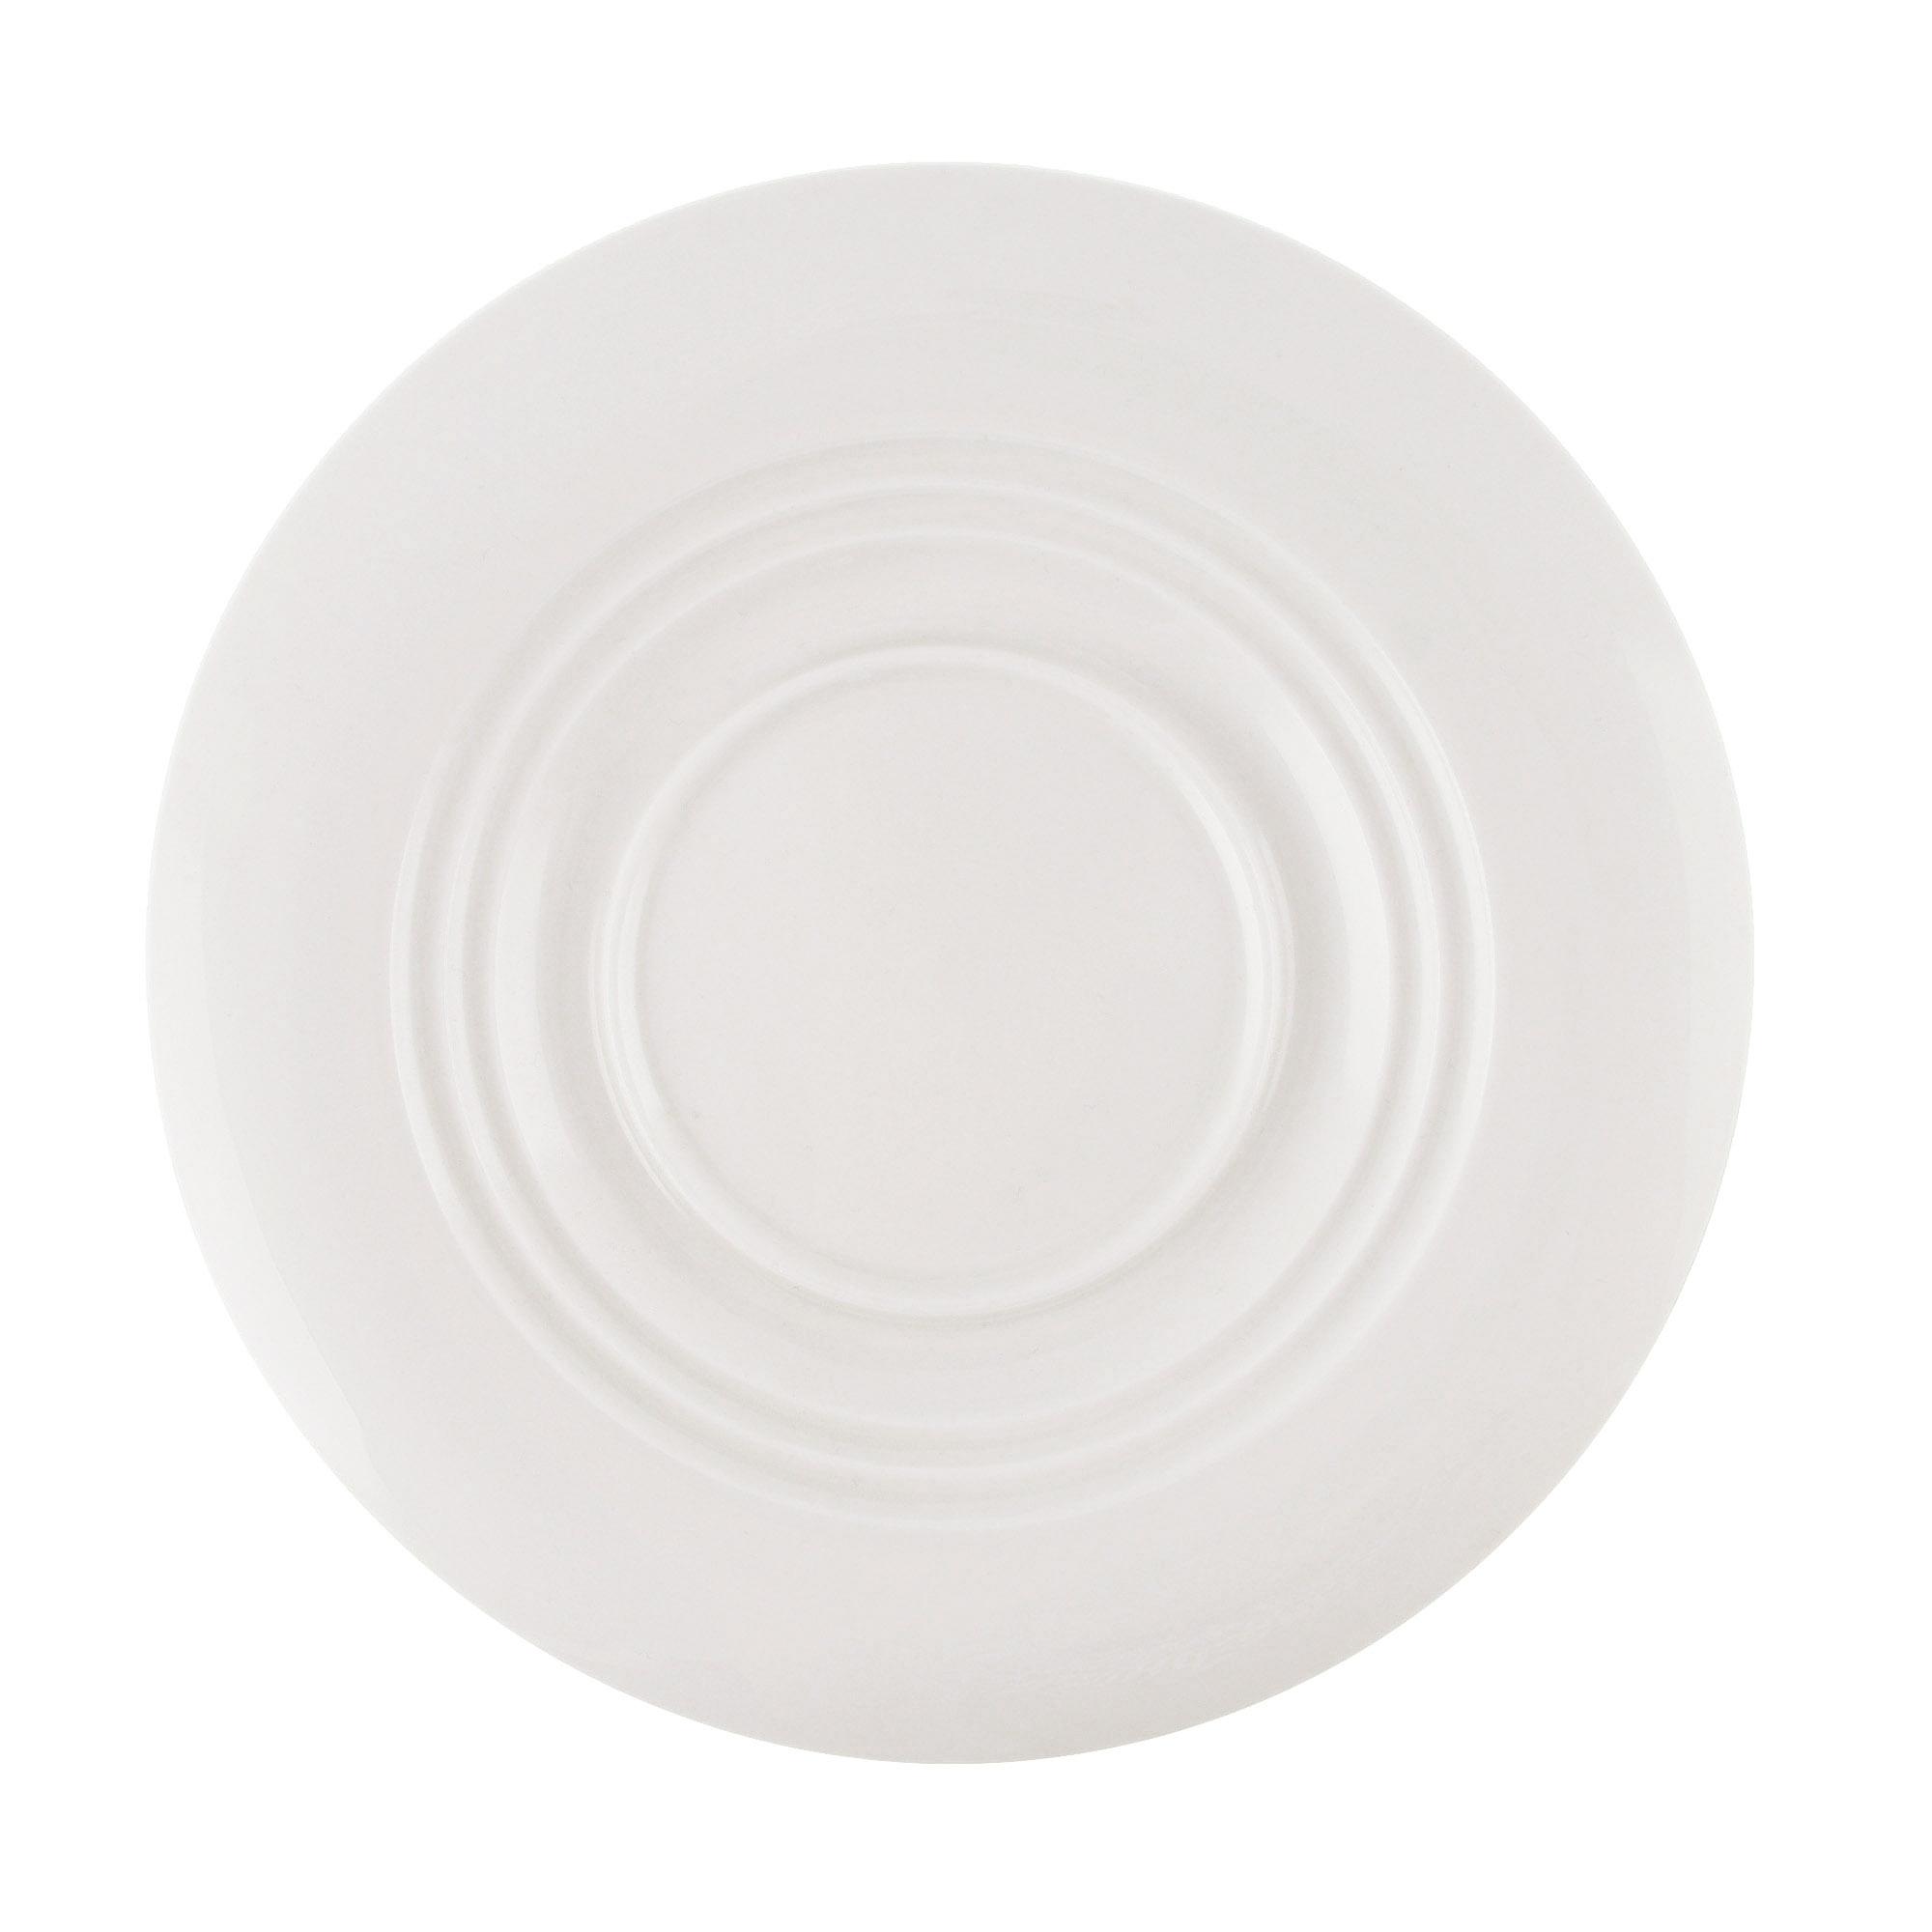 Блюдце Cameo Concentrics 15,3 см фото